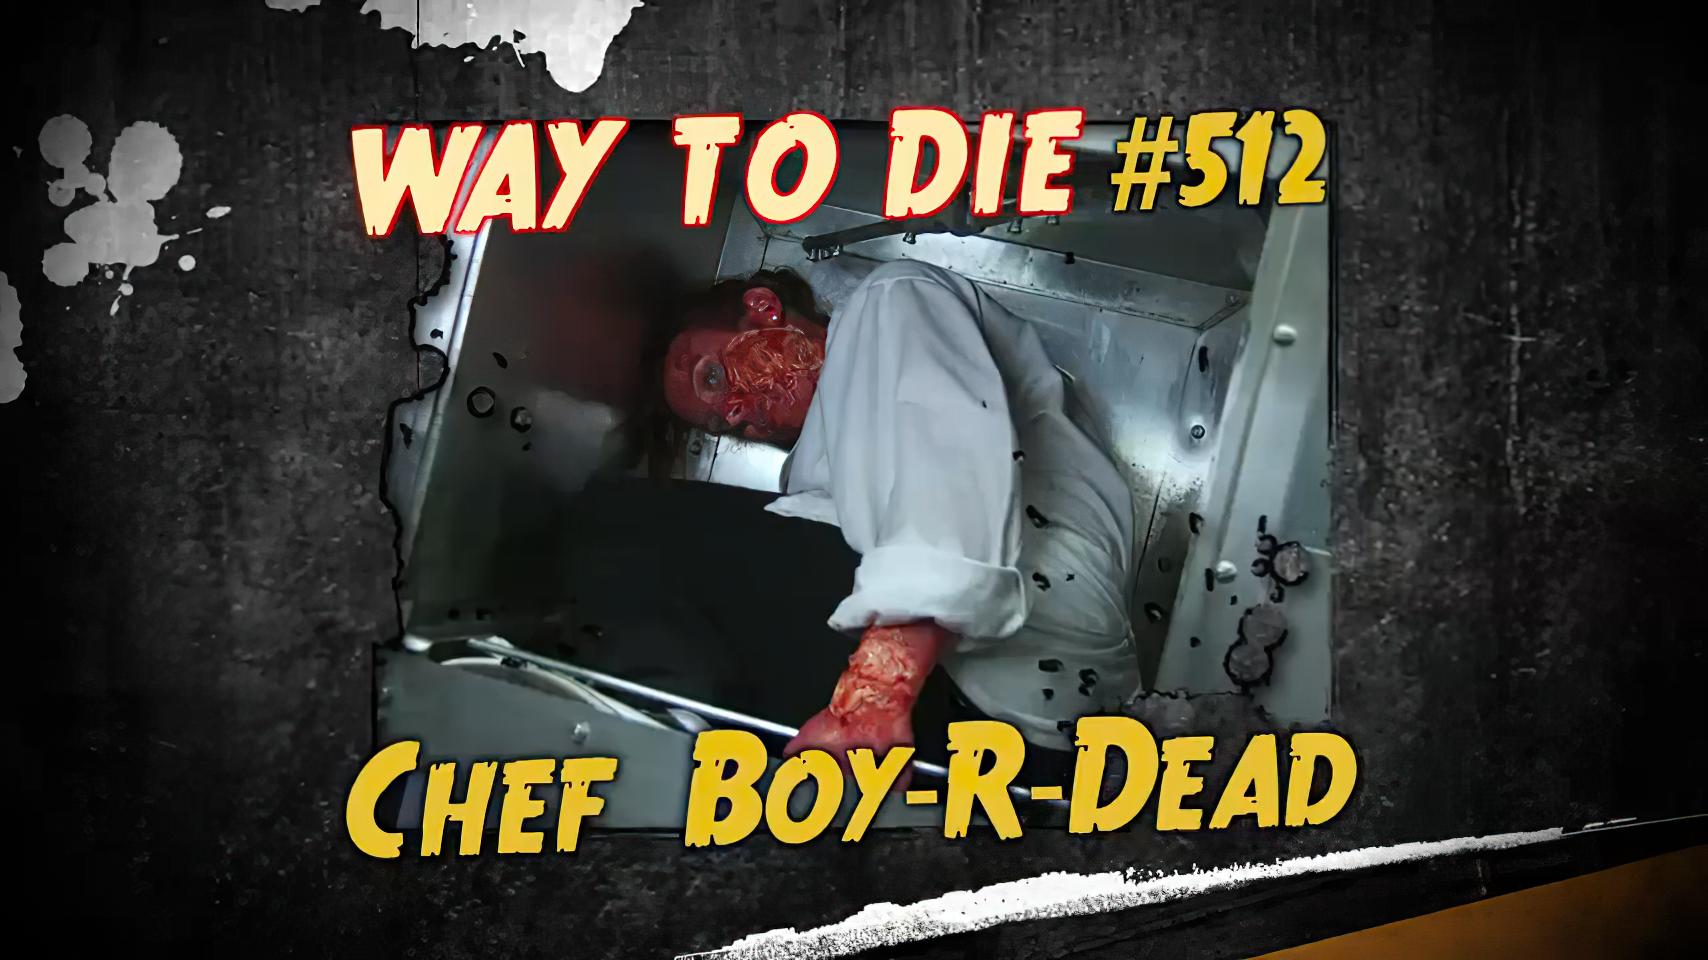 Chef Boy-R-Dead